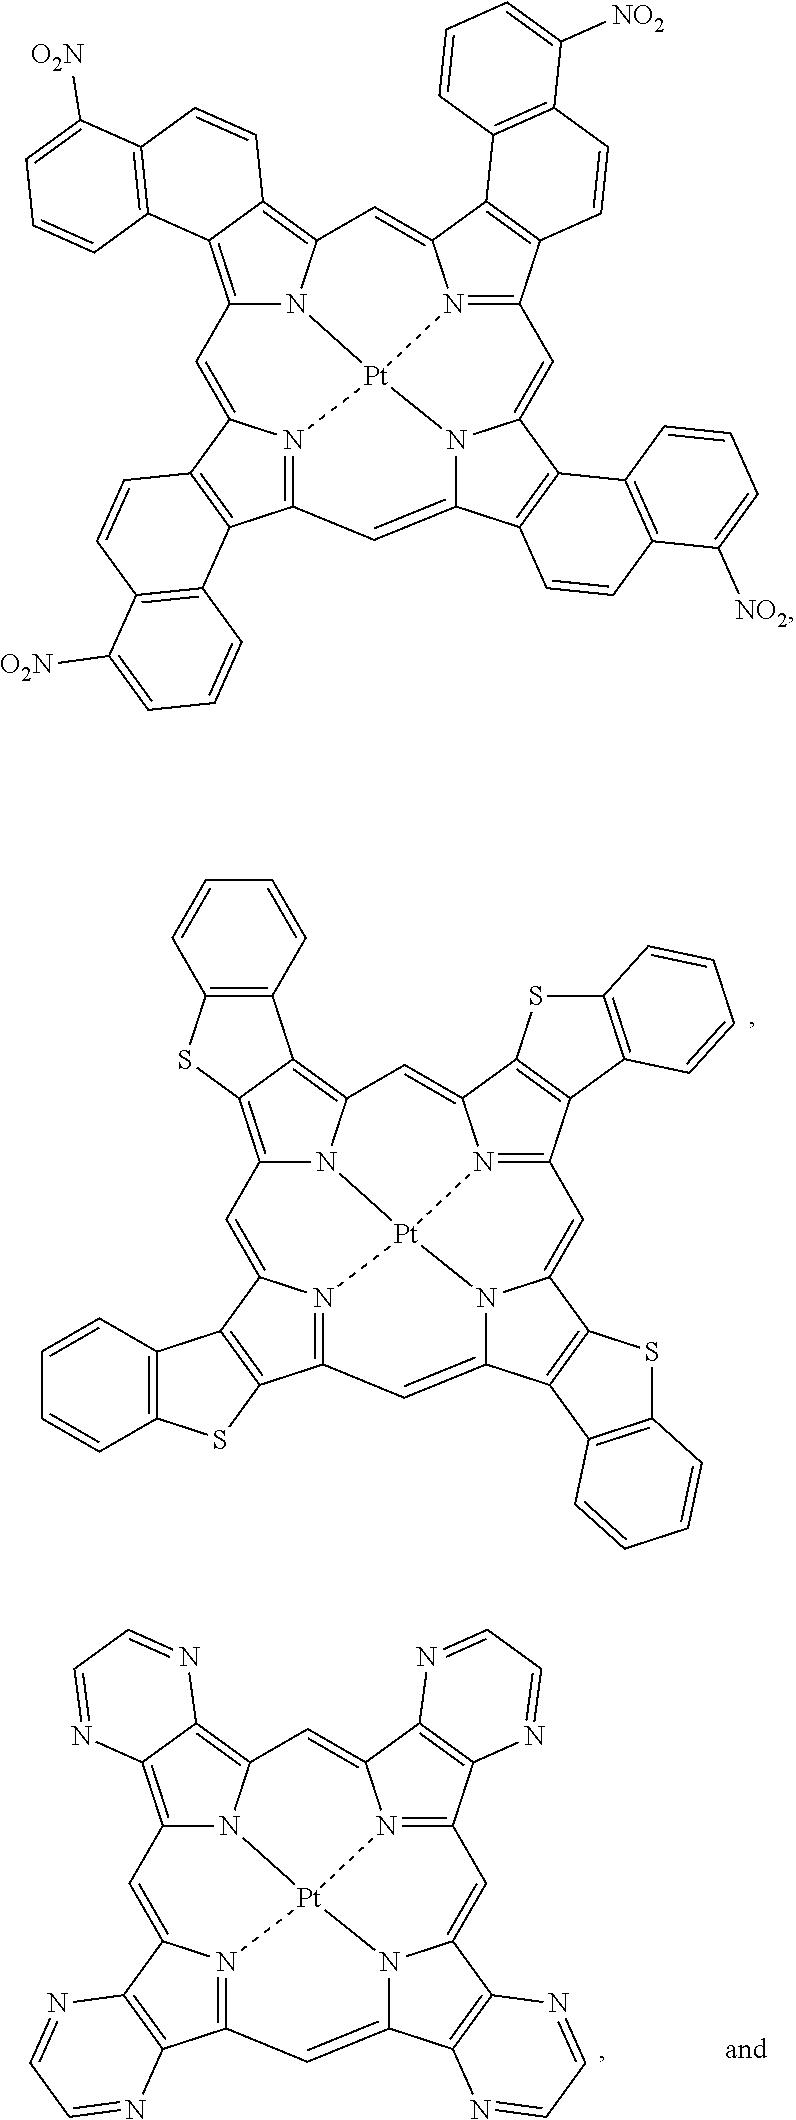 Figure US20100013386A1-20100121-C00018